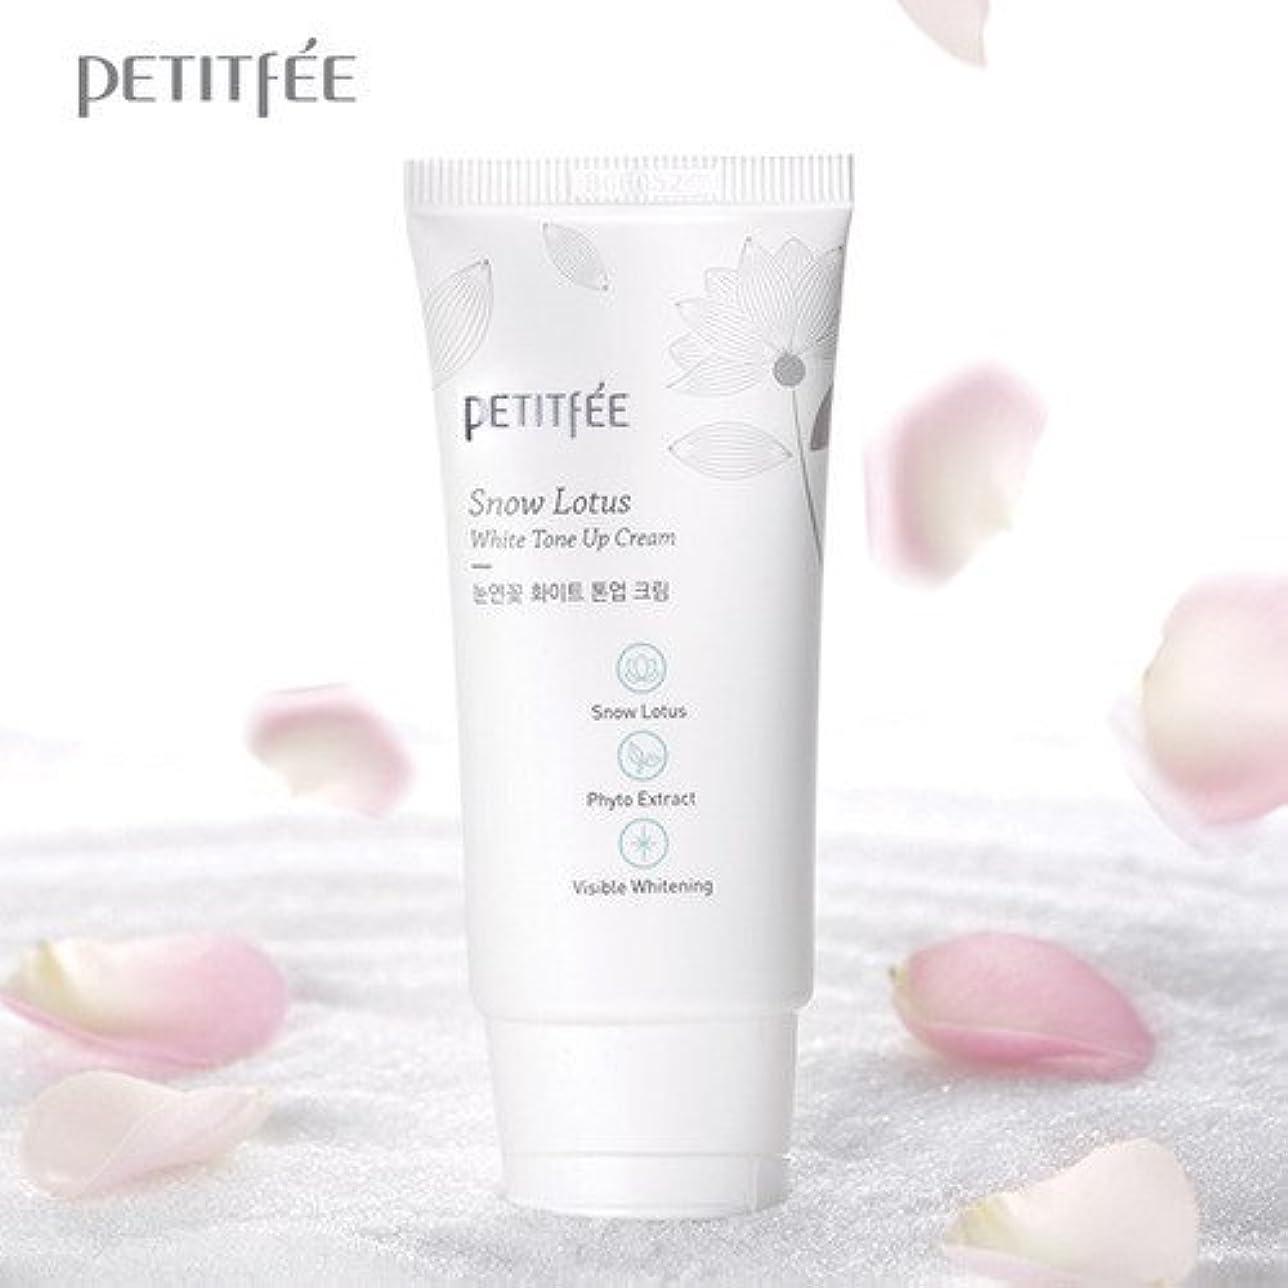 進む滑りやすい君主制PETITFEE(プチペ) スノーはすばなホワイトトンアップクリーム 50ml/ Petitfee Snow Lotus White Tone Up Cream 50ml [並行輸入品]